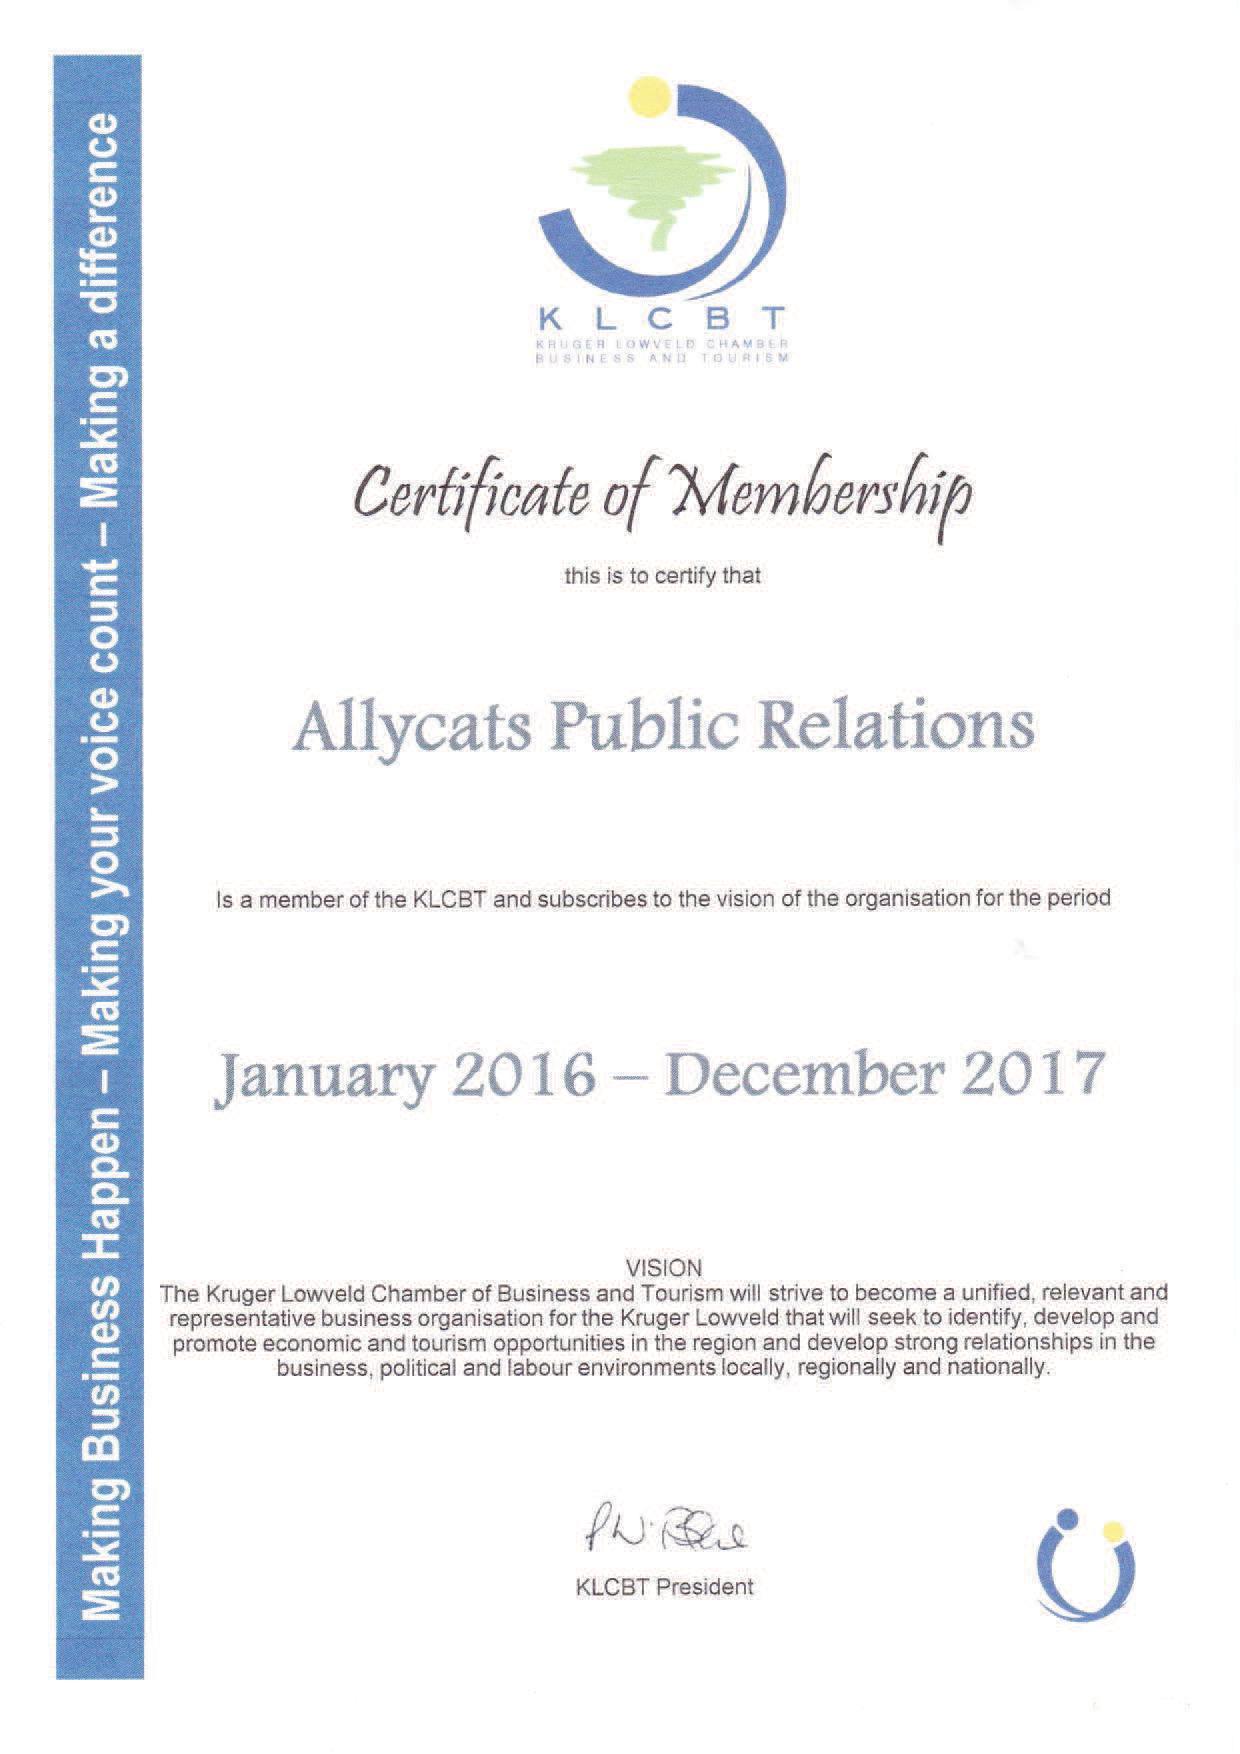 KLT membership